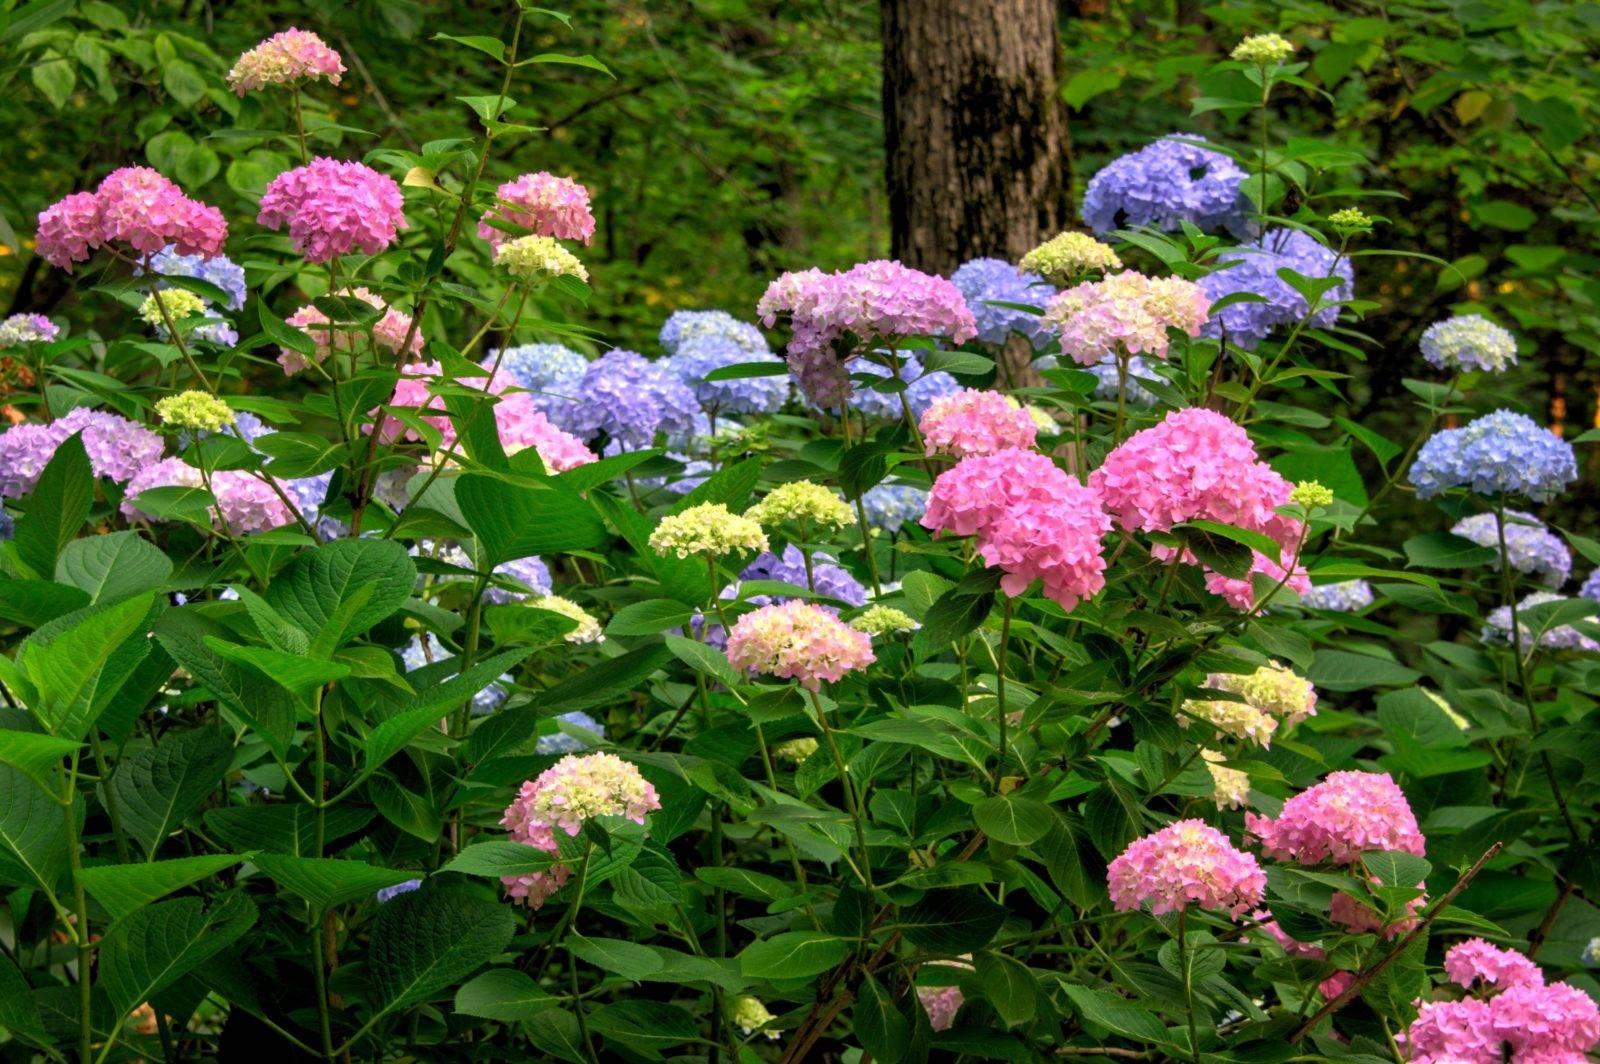 Гортензия: уход, обрезка, удобрение, почему не цветет в саду весной и что делать?